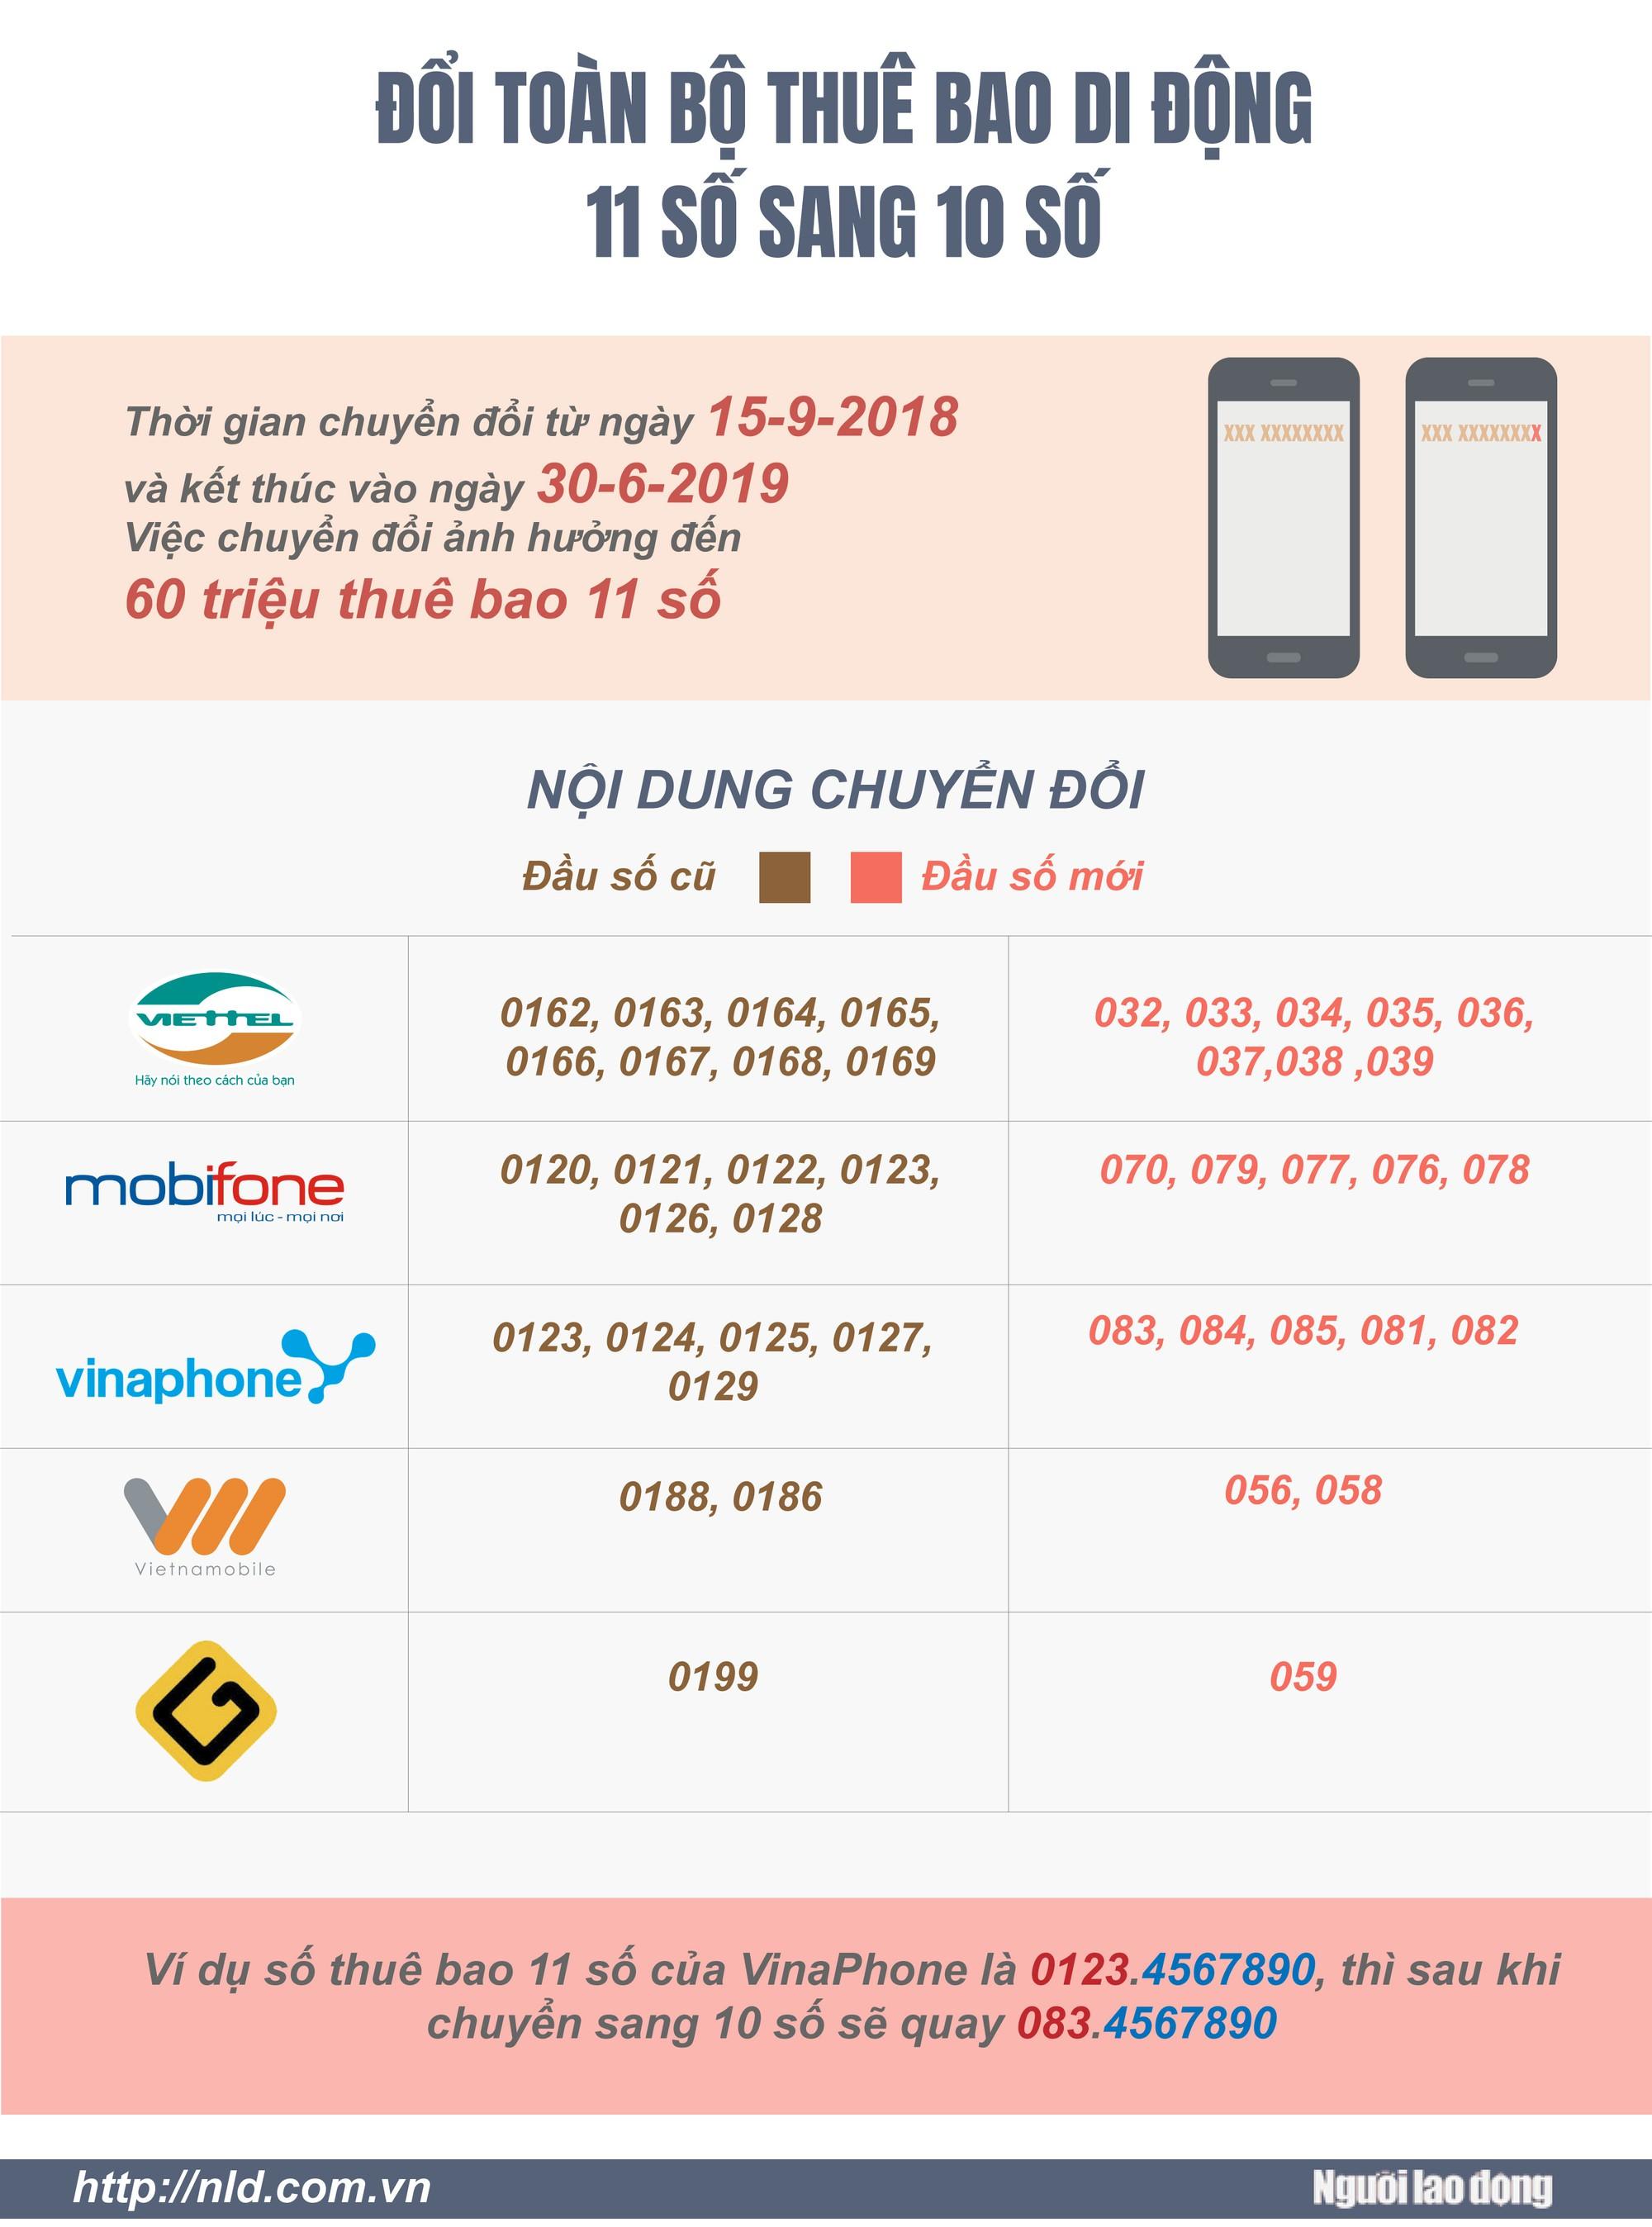 (Infographic) - Chuyển sang 10 số, thuê bao di động 11 số sẽ